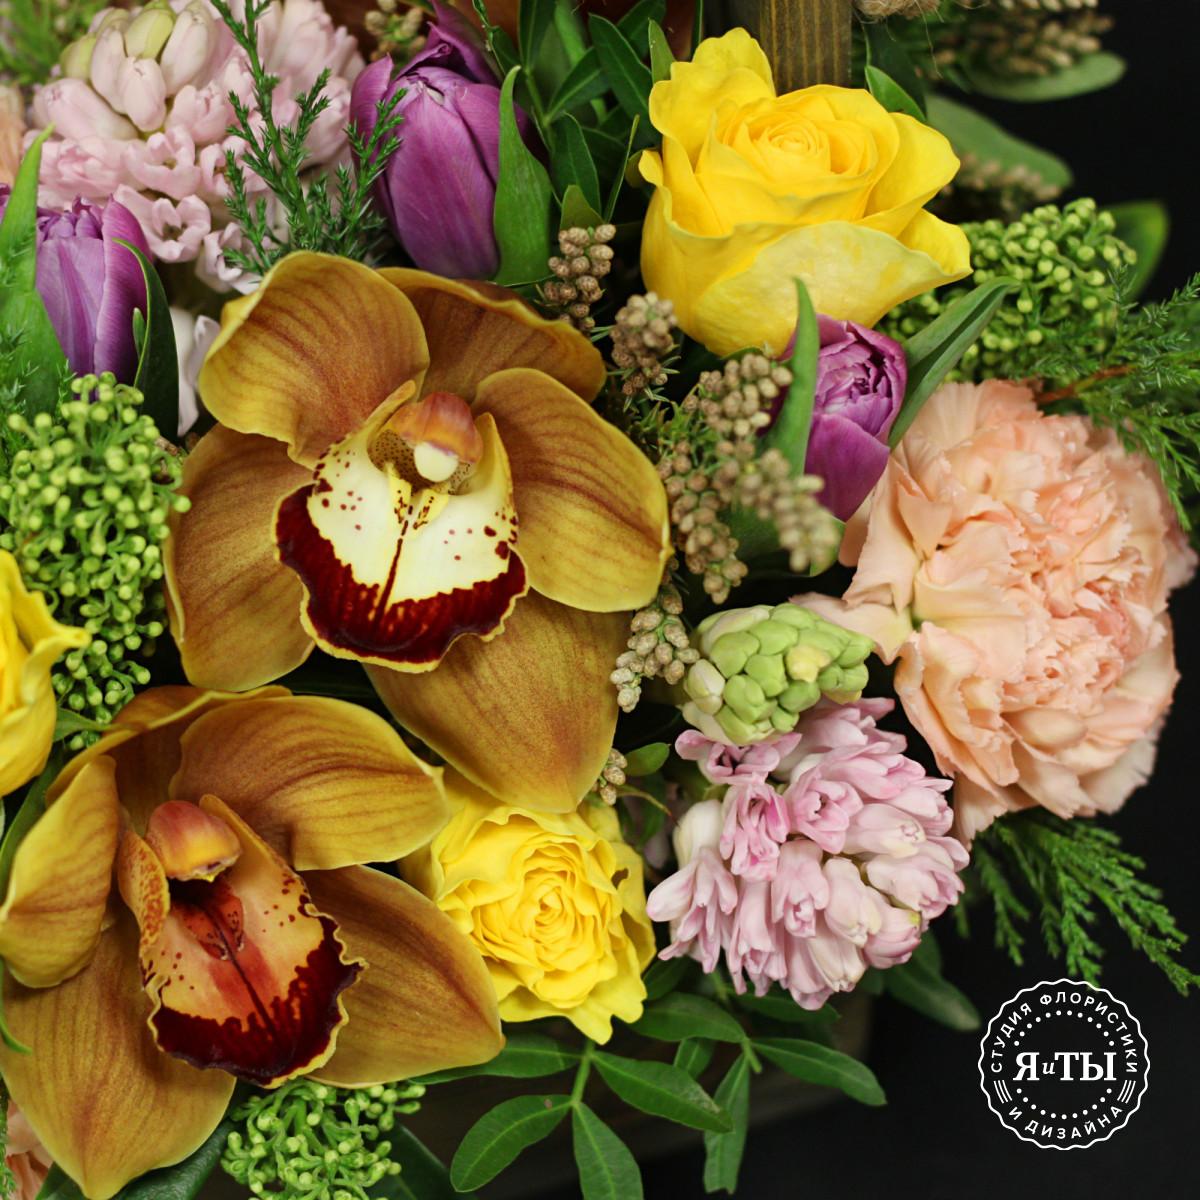 Композиция с ароматными весенними цветами